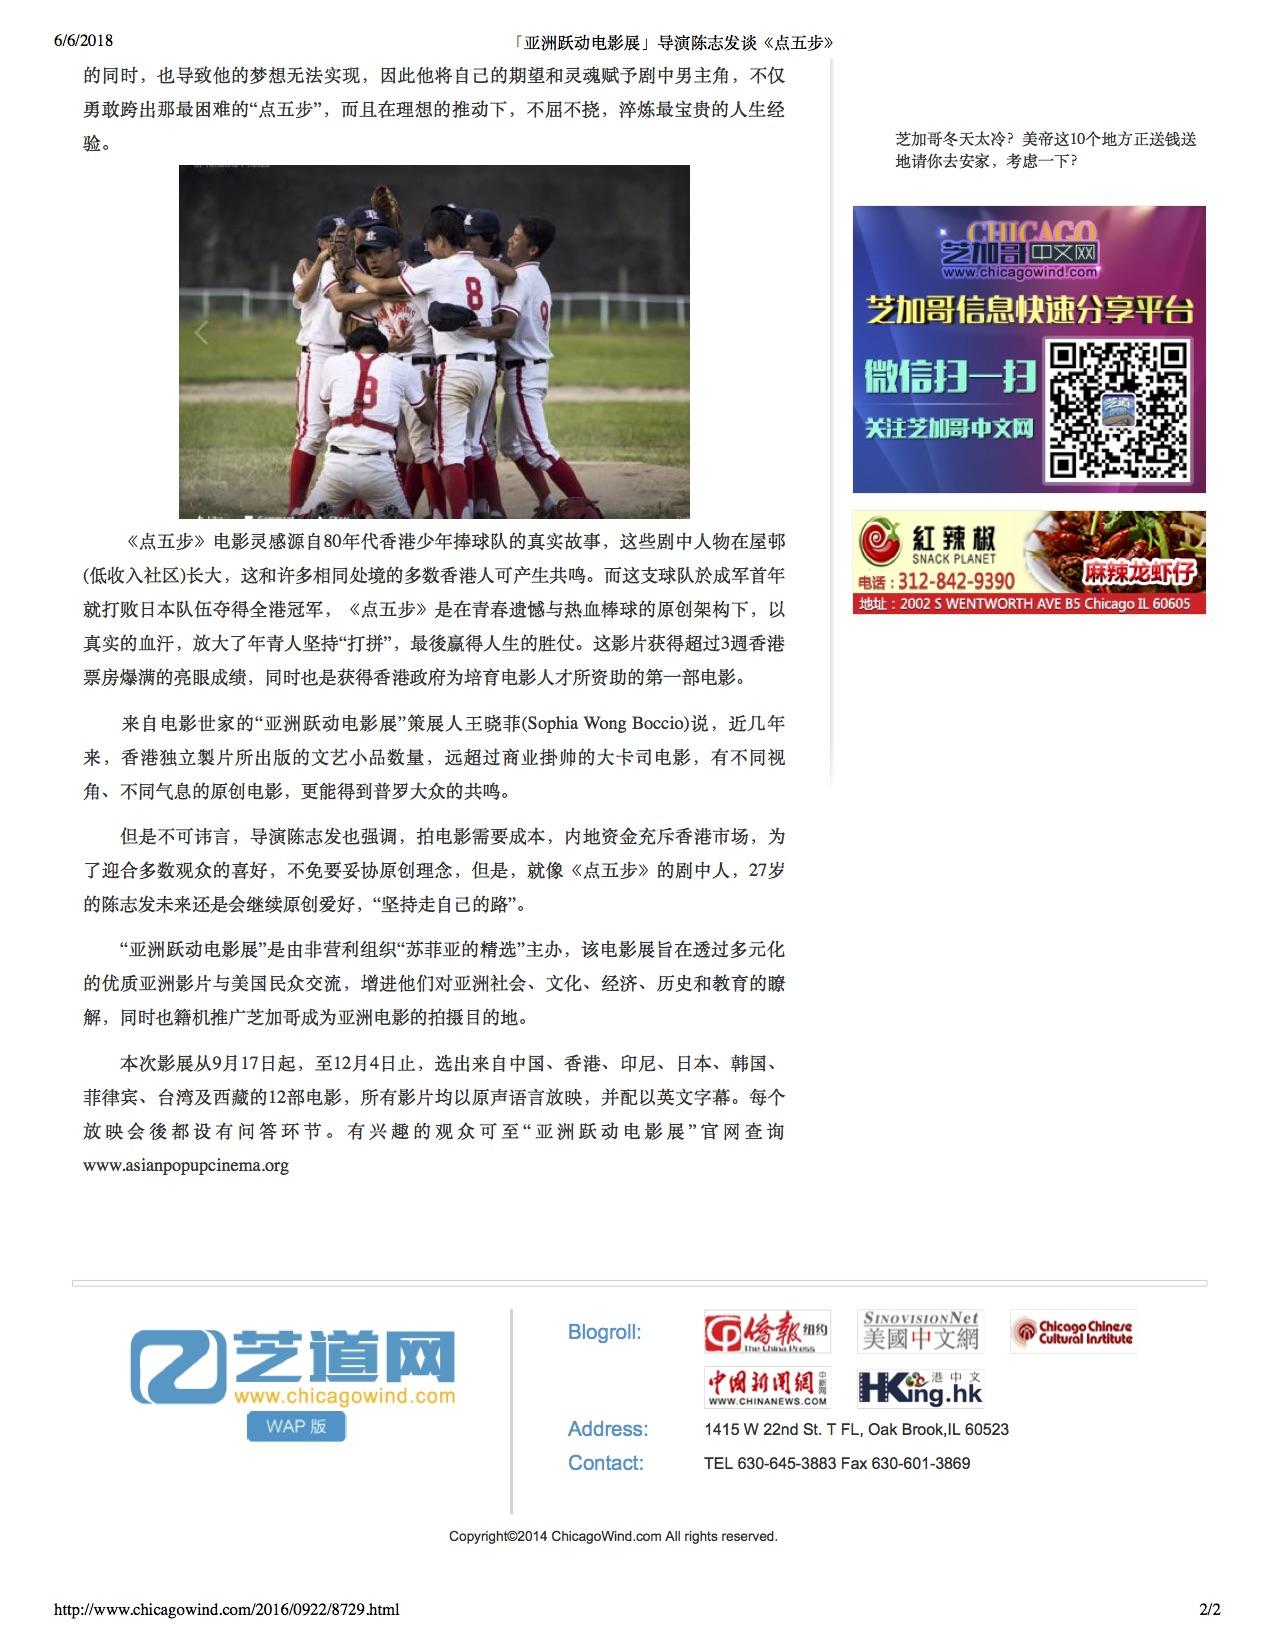 1「亚洲跃动电影展」导演陈志发谈《点五步》.jpg